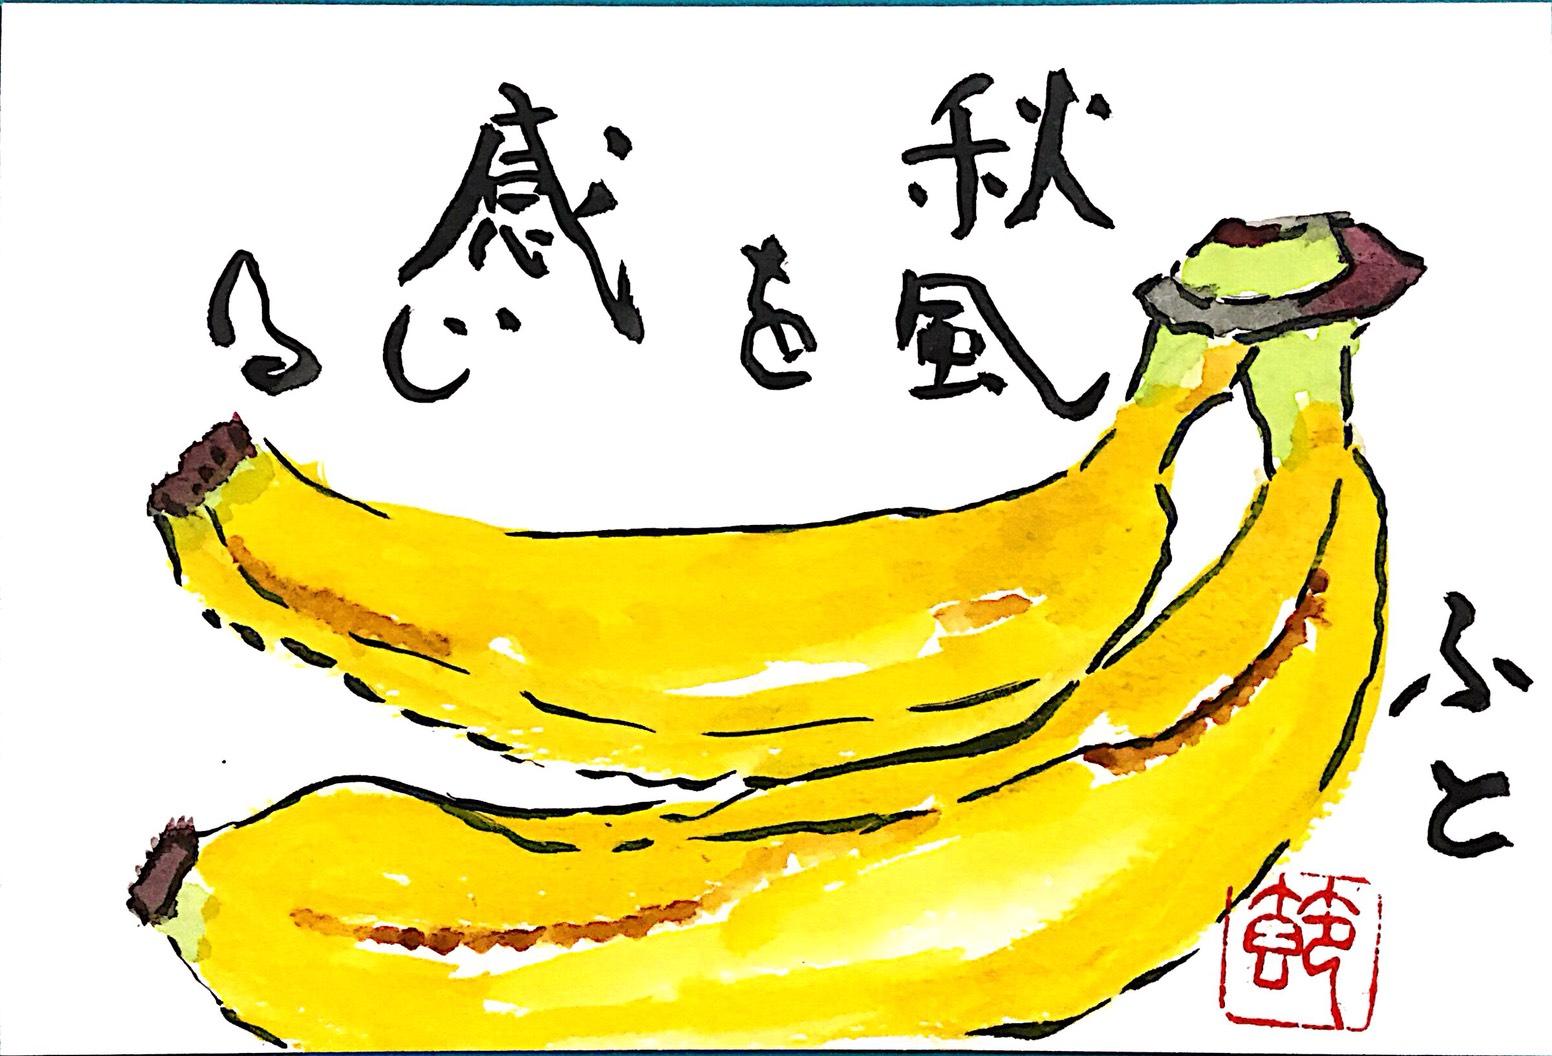 ふと秋風を感じる 〜バナナ〜